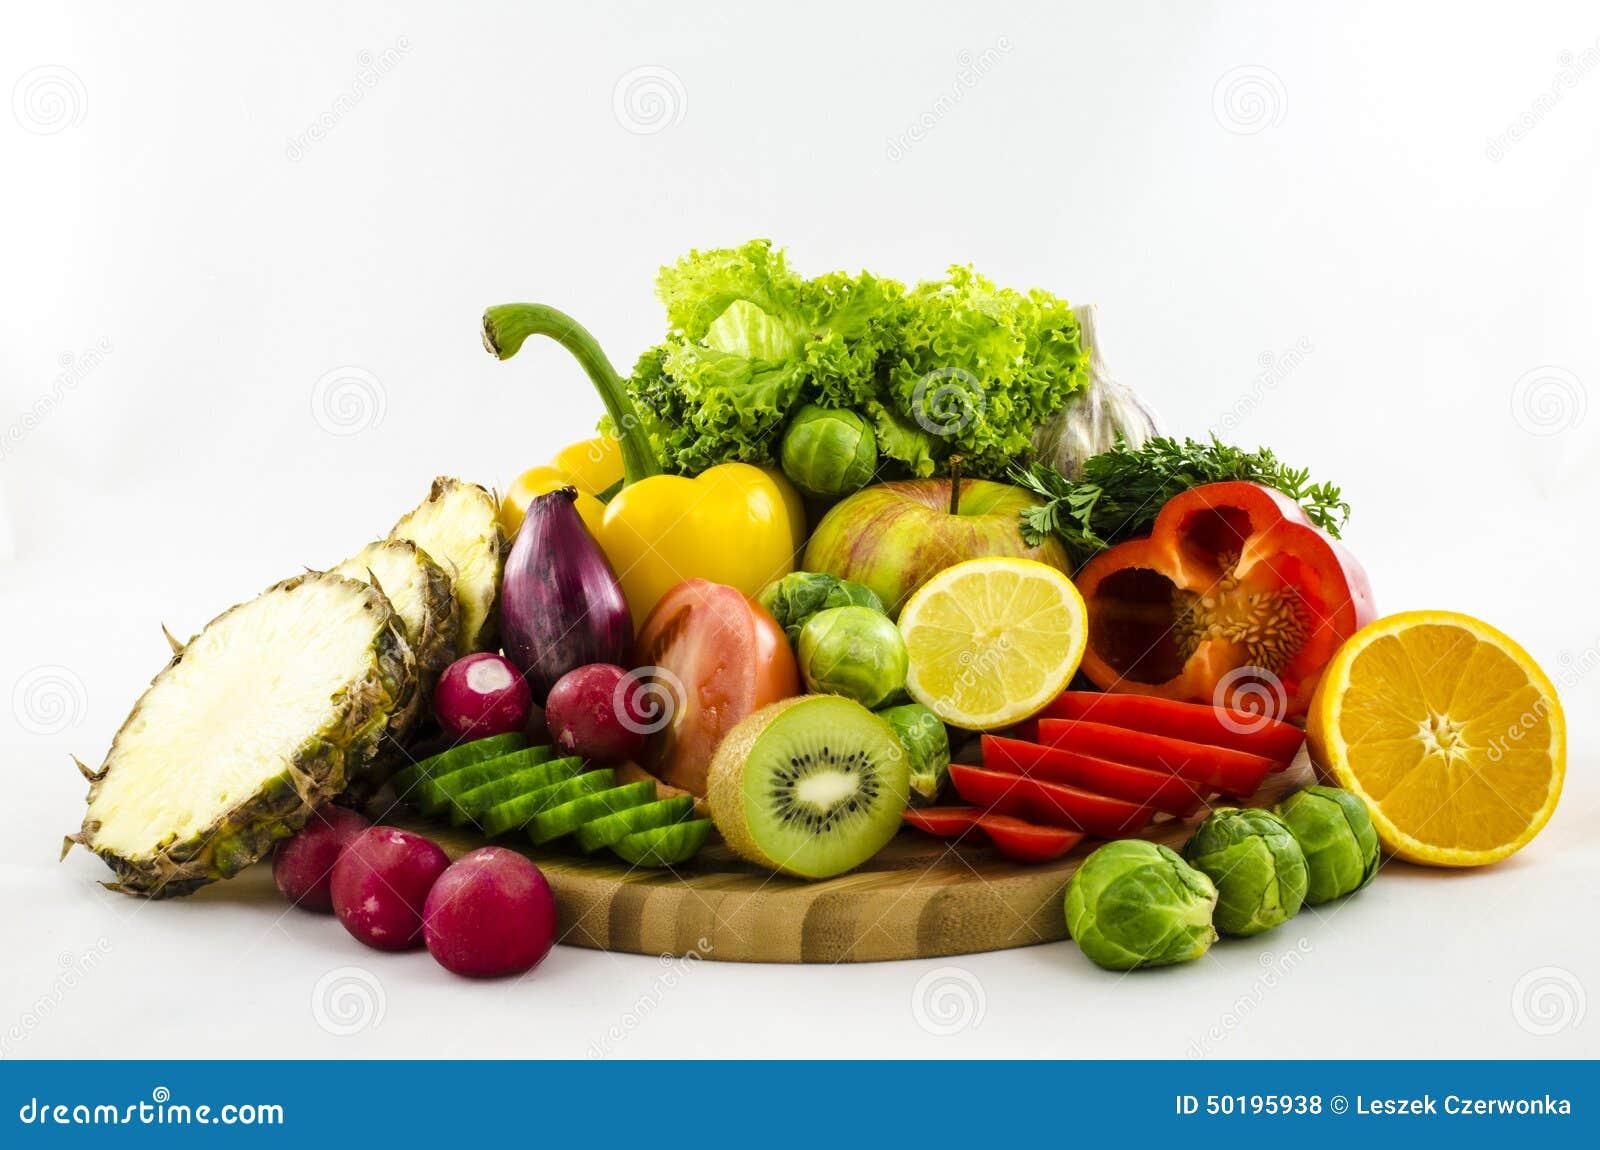 Composition des fruits et l gumes sur le conseil en bois - Decoupe legumes coupe legumes oignons et fruits ...